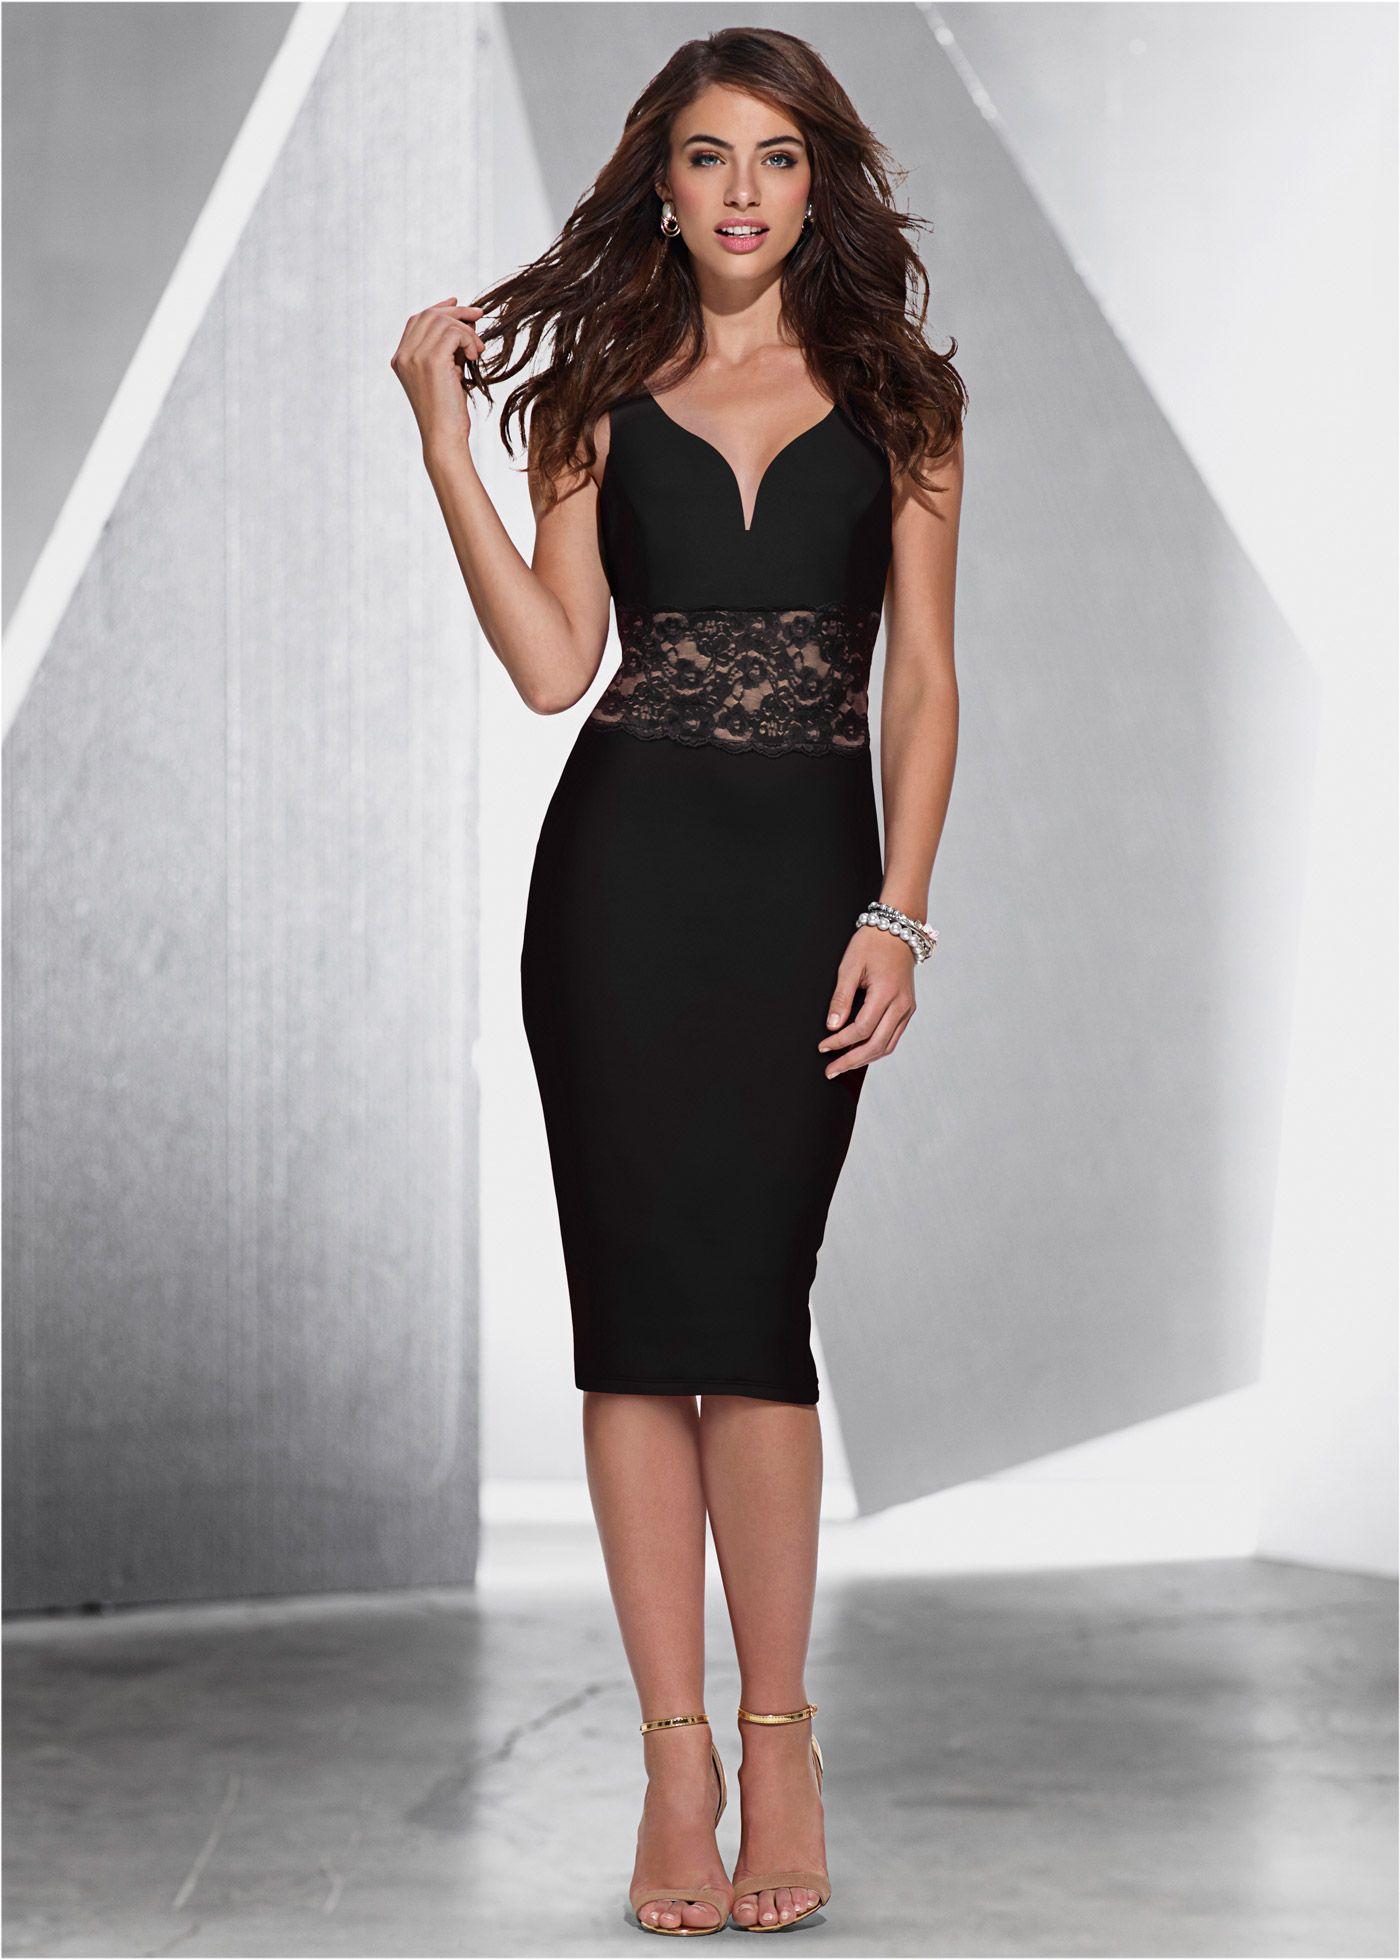 b8eb2a084 Vestido com renda preto/marrom-claro encomendar agora na loja on-line  bonprix